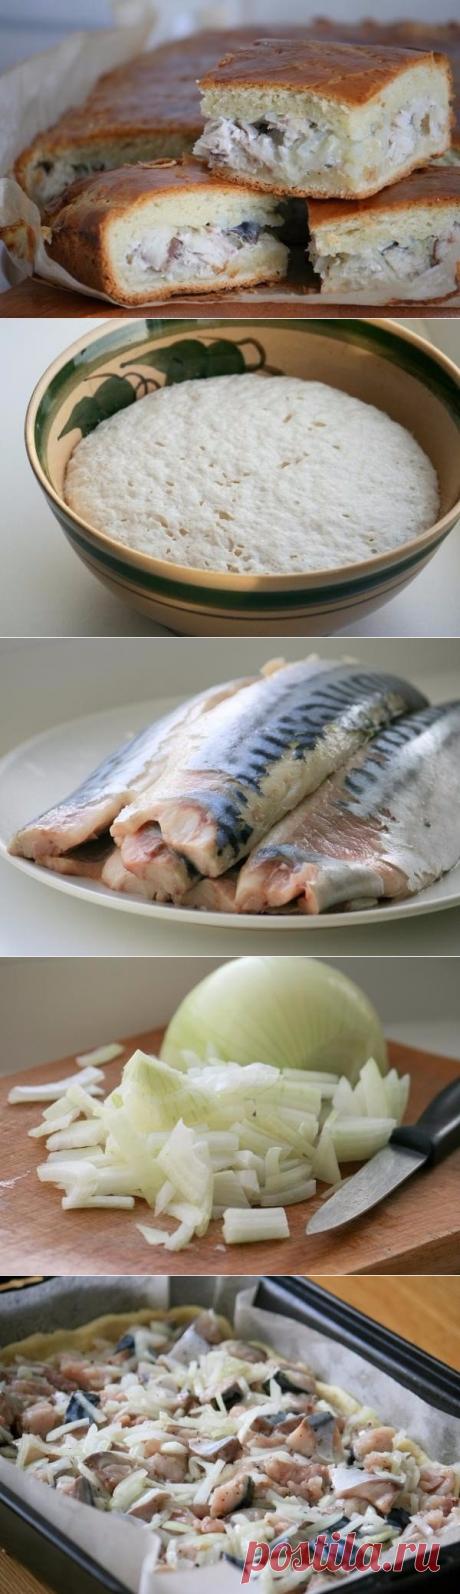 Как приготовить пирог со скумбрией - рецепт, ингридиенты и фотографии